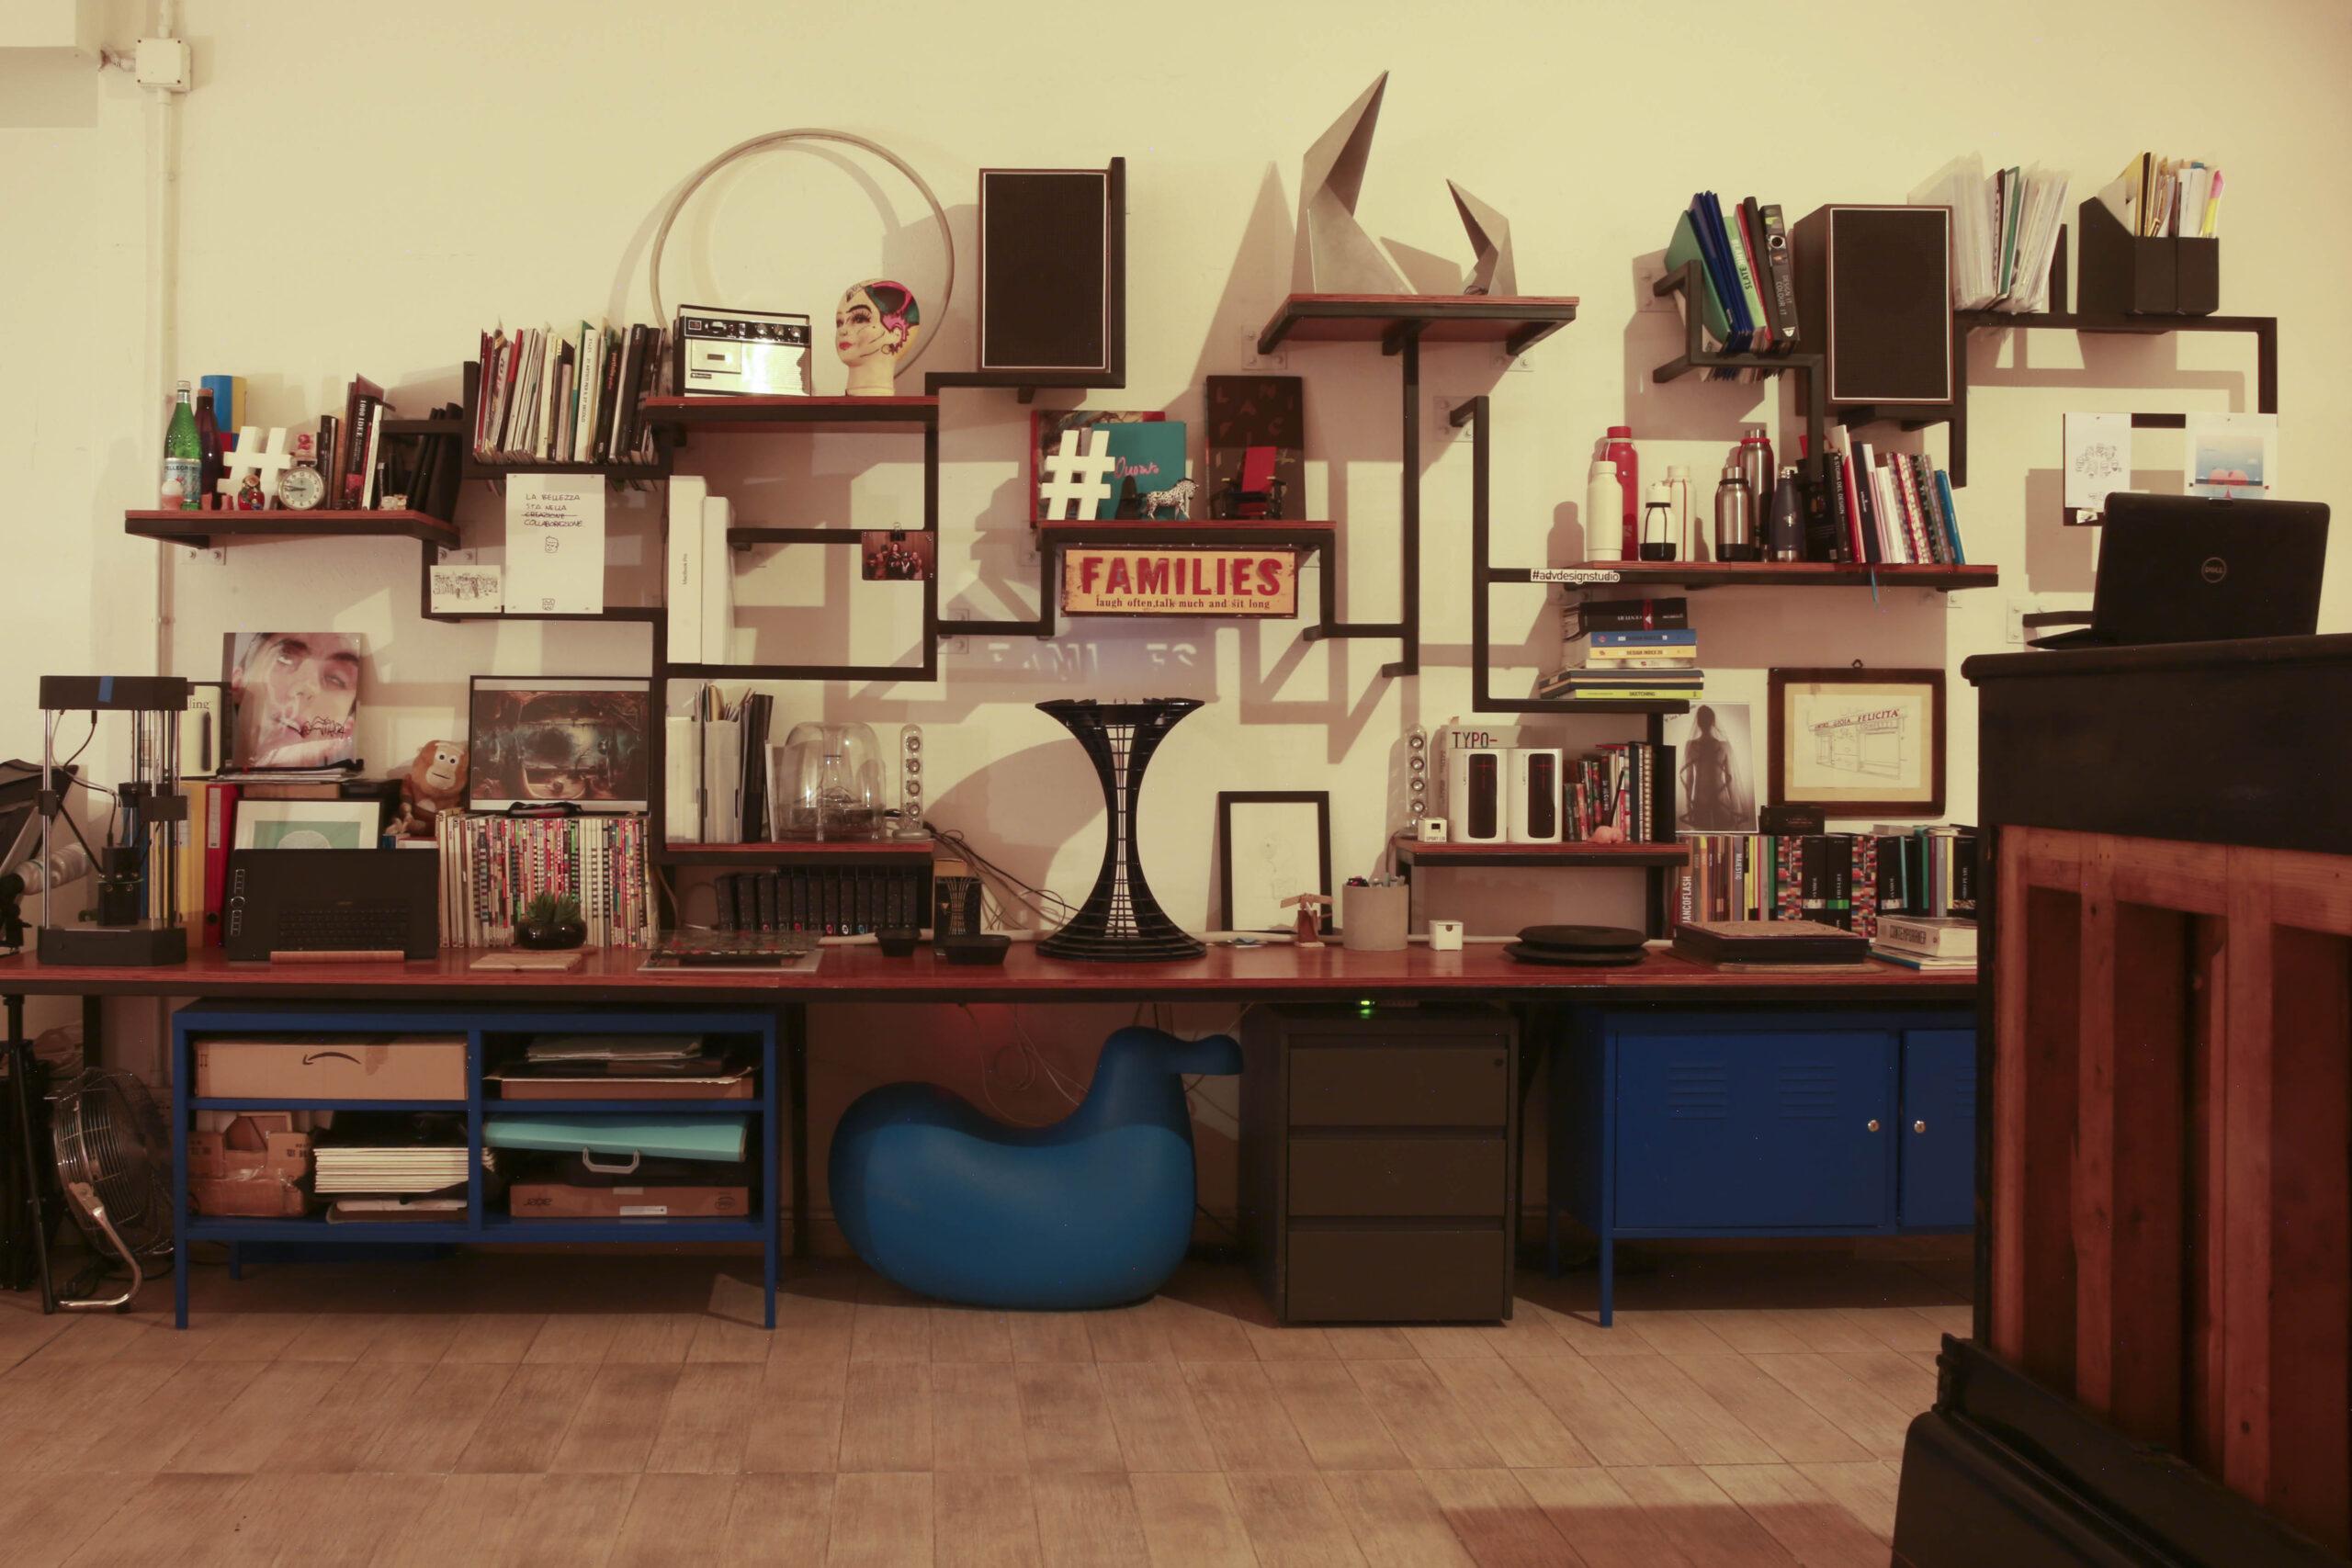 Percezioni dal sottosuolo. Atelier aperto in una casa/studio milanese